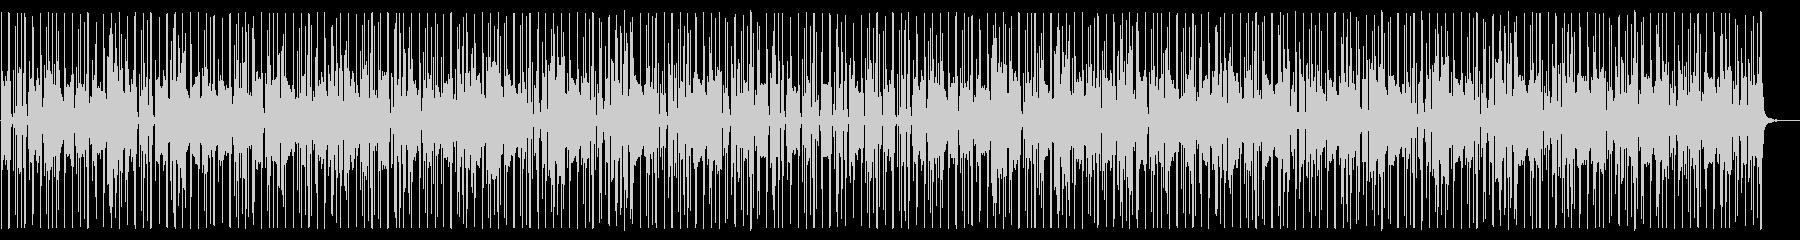 都会/R&B/生演奏_No452_3の未再生の波形